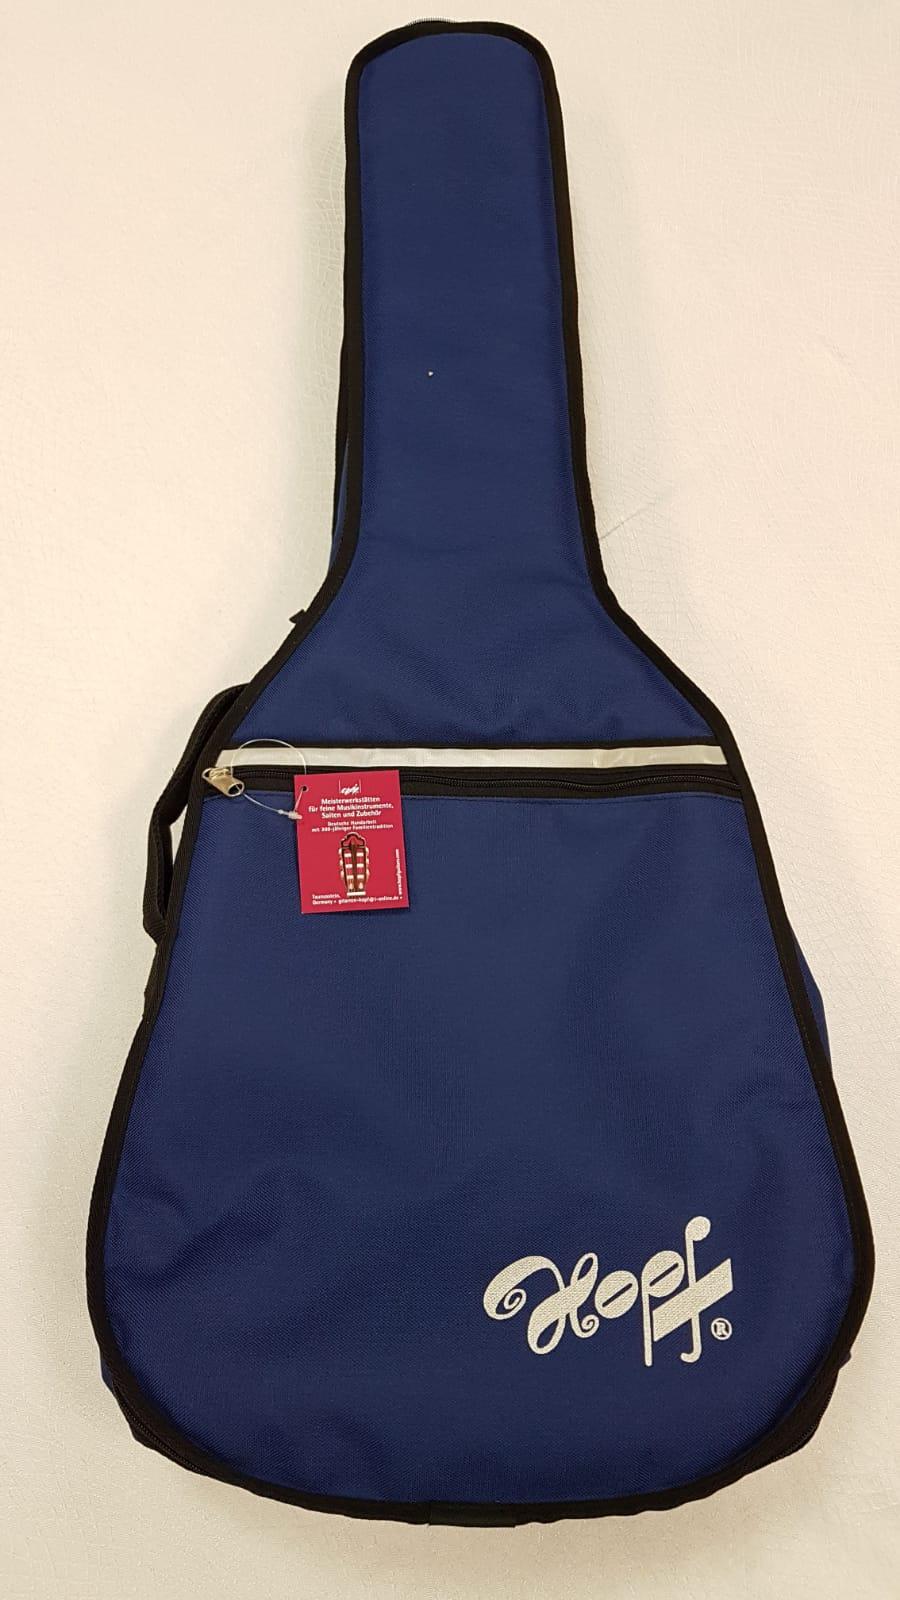 Nr. 603 Tasche für klassische Gitarren - klein Image